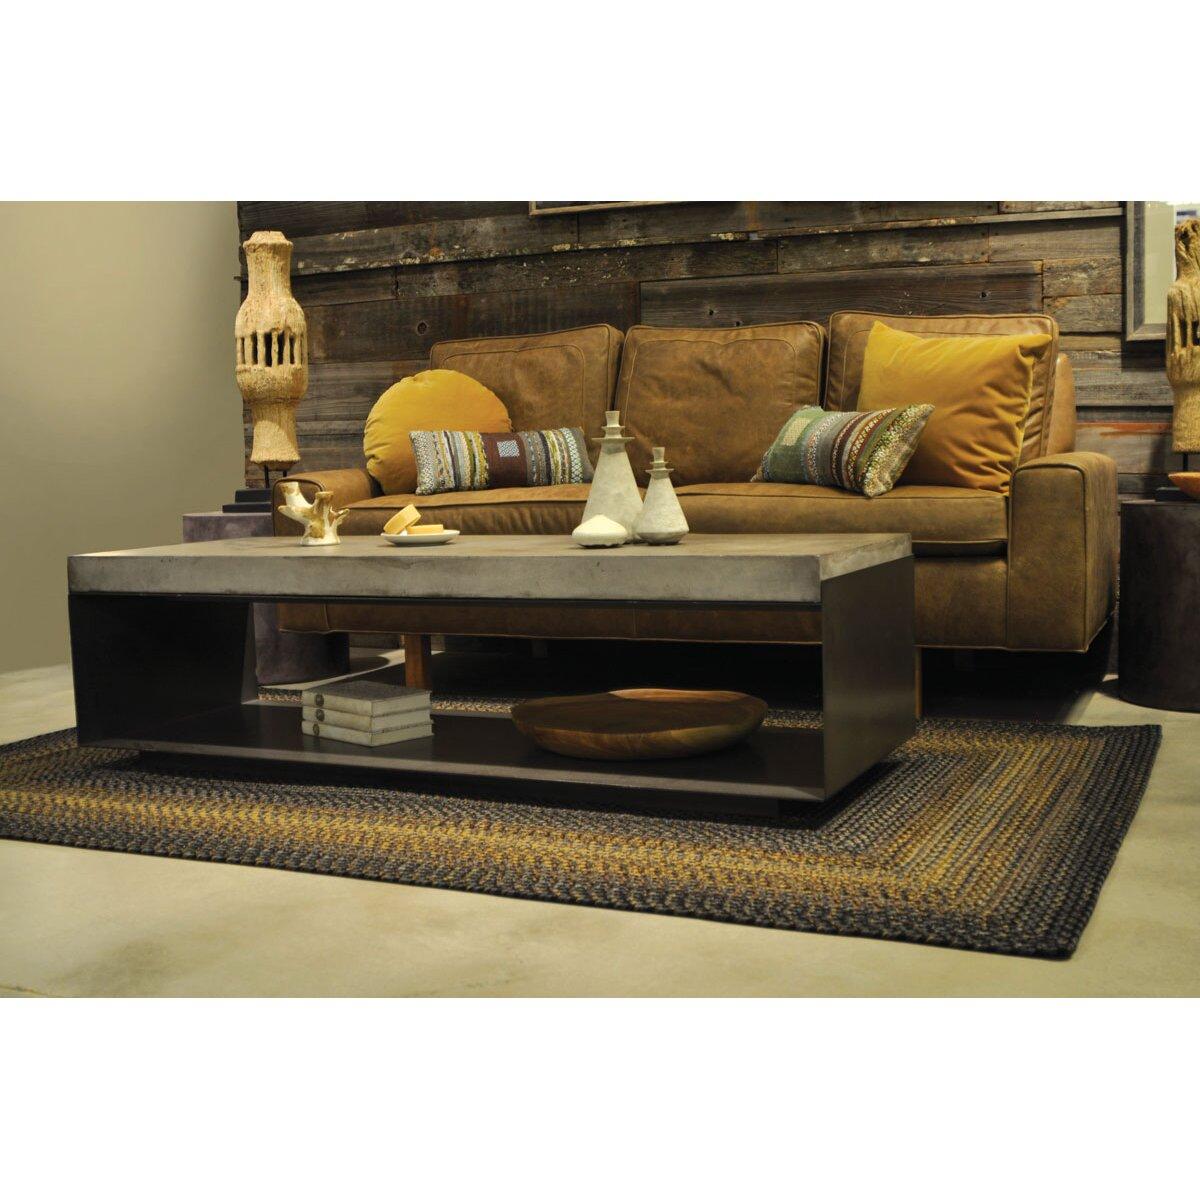 Homespice decor ultra durable blackforest indoor outdoor for Indoor outdoor decor